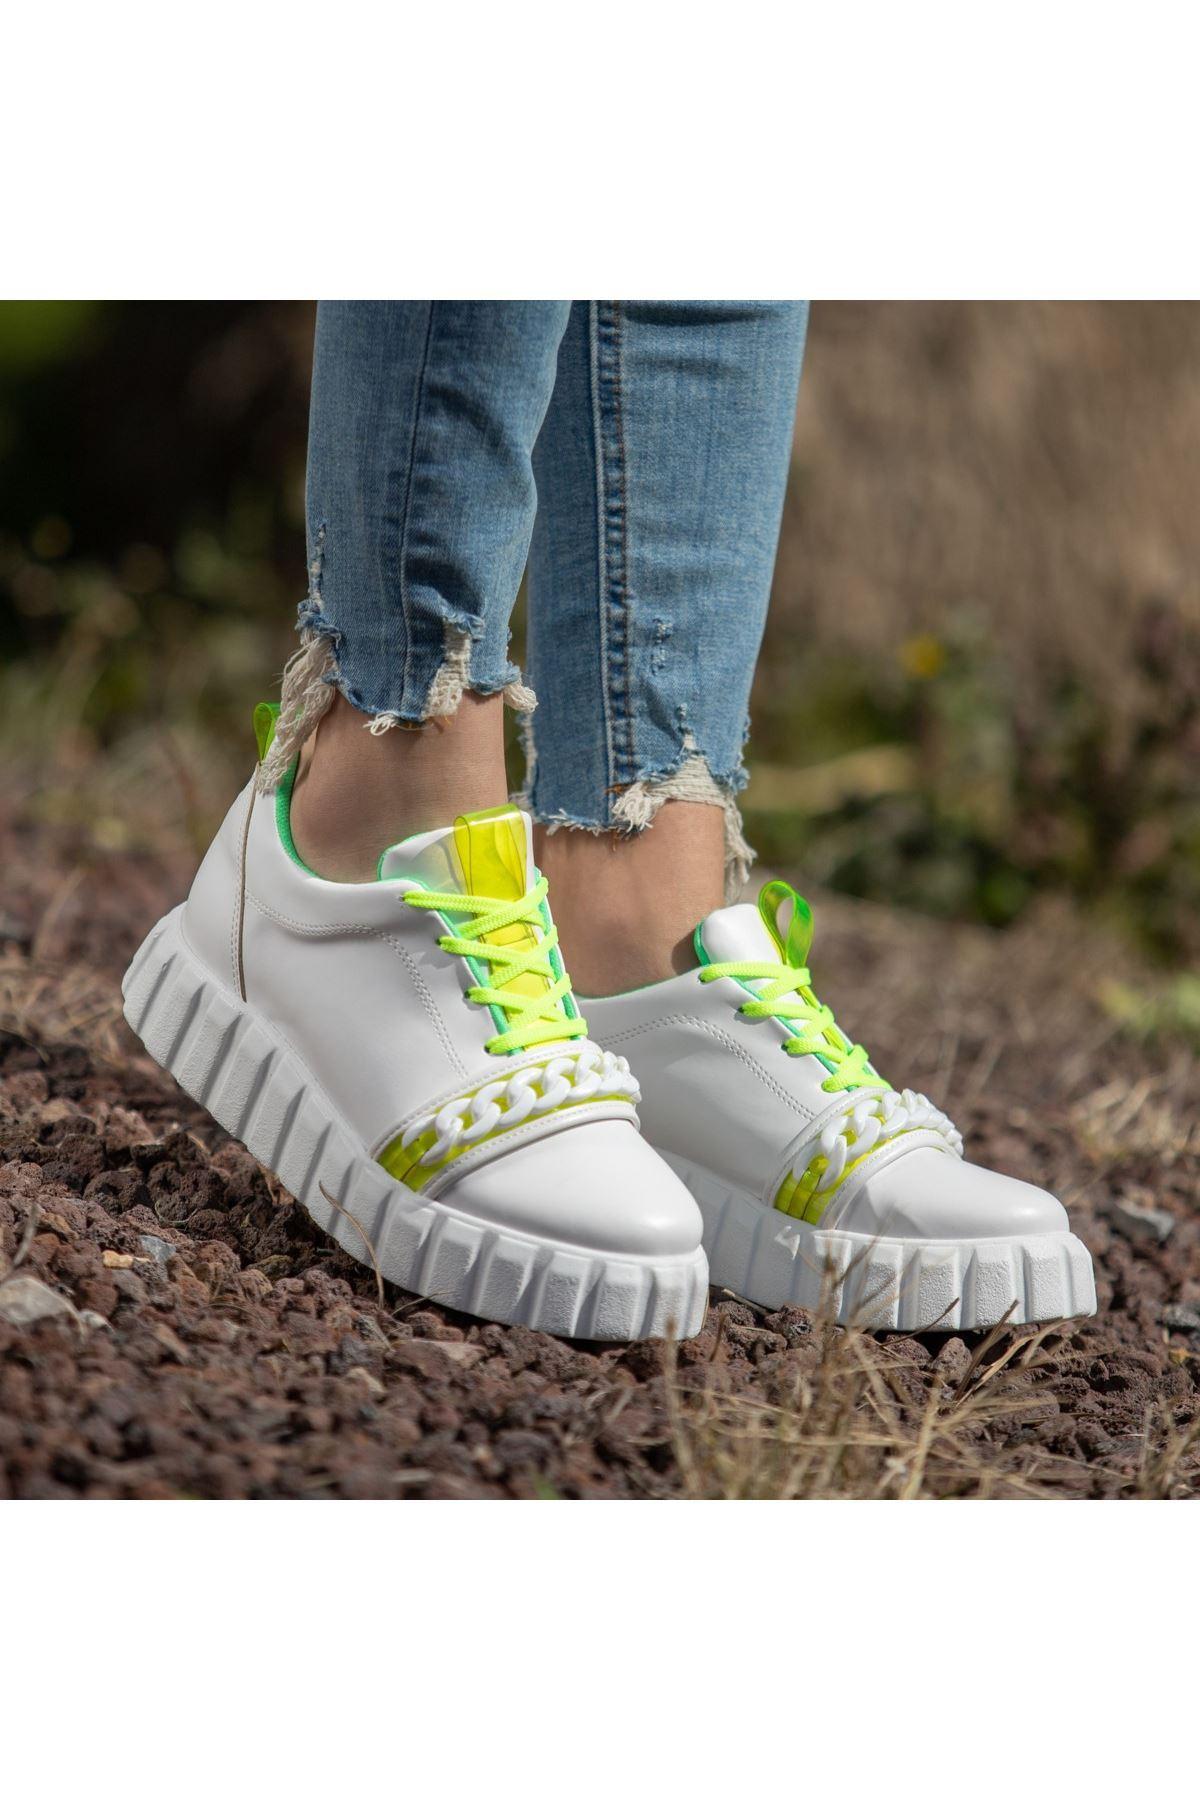 Mya Beyaz Cilt Yeşil Detaylı Bağcıklı Spor Ayakkabı